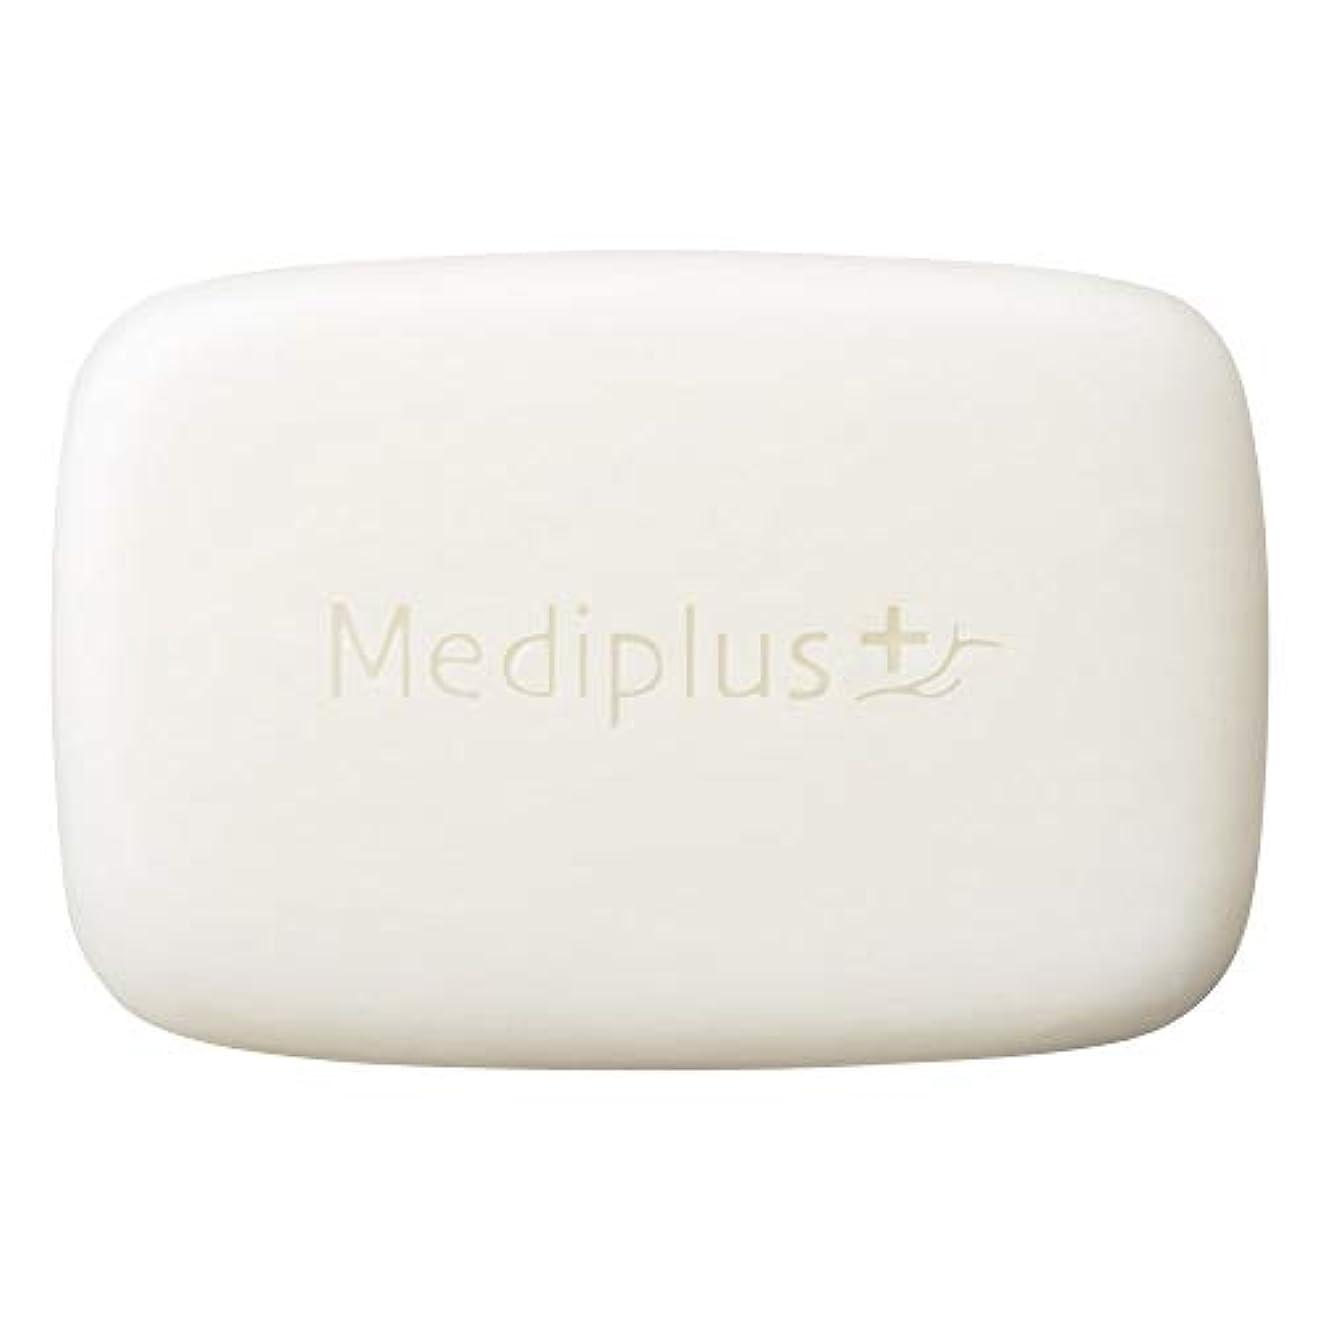 傘ズーム音楽を聴くmediplus メディプラス オイルクリームソープ 60g(約2か月分)